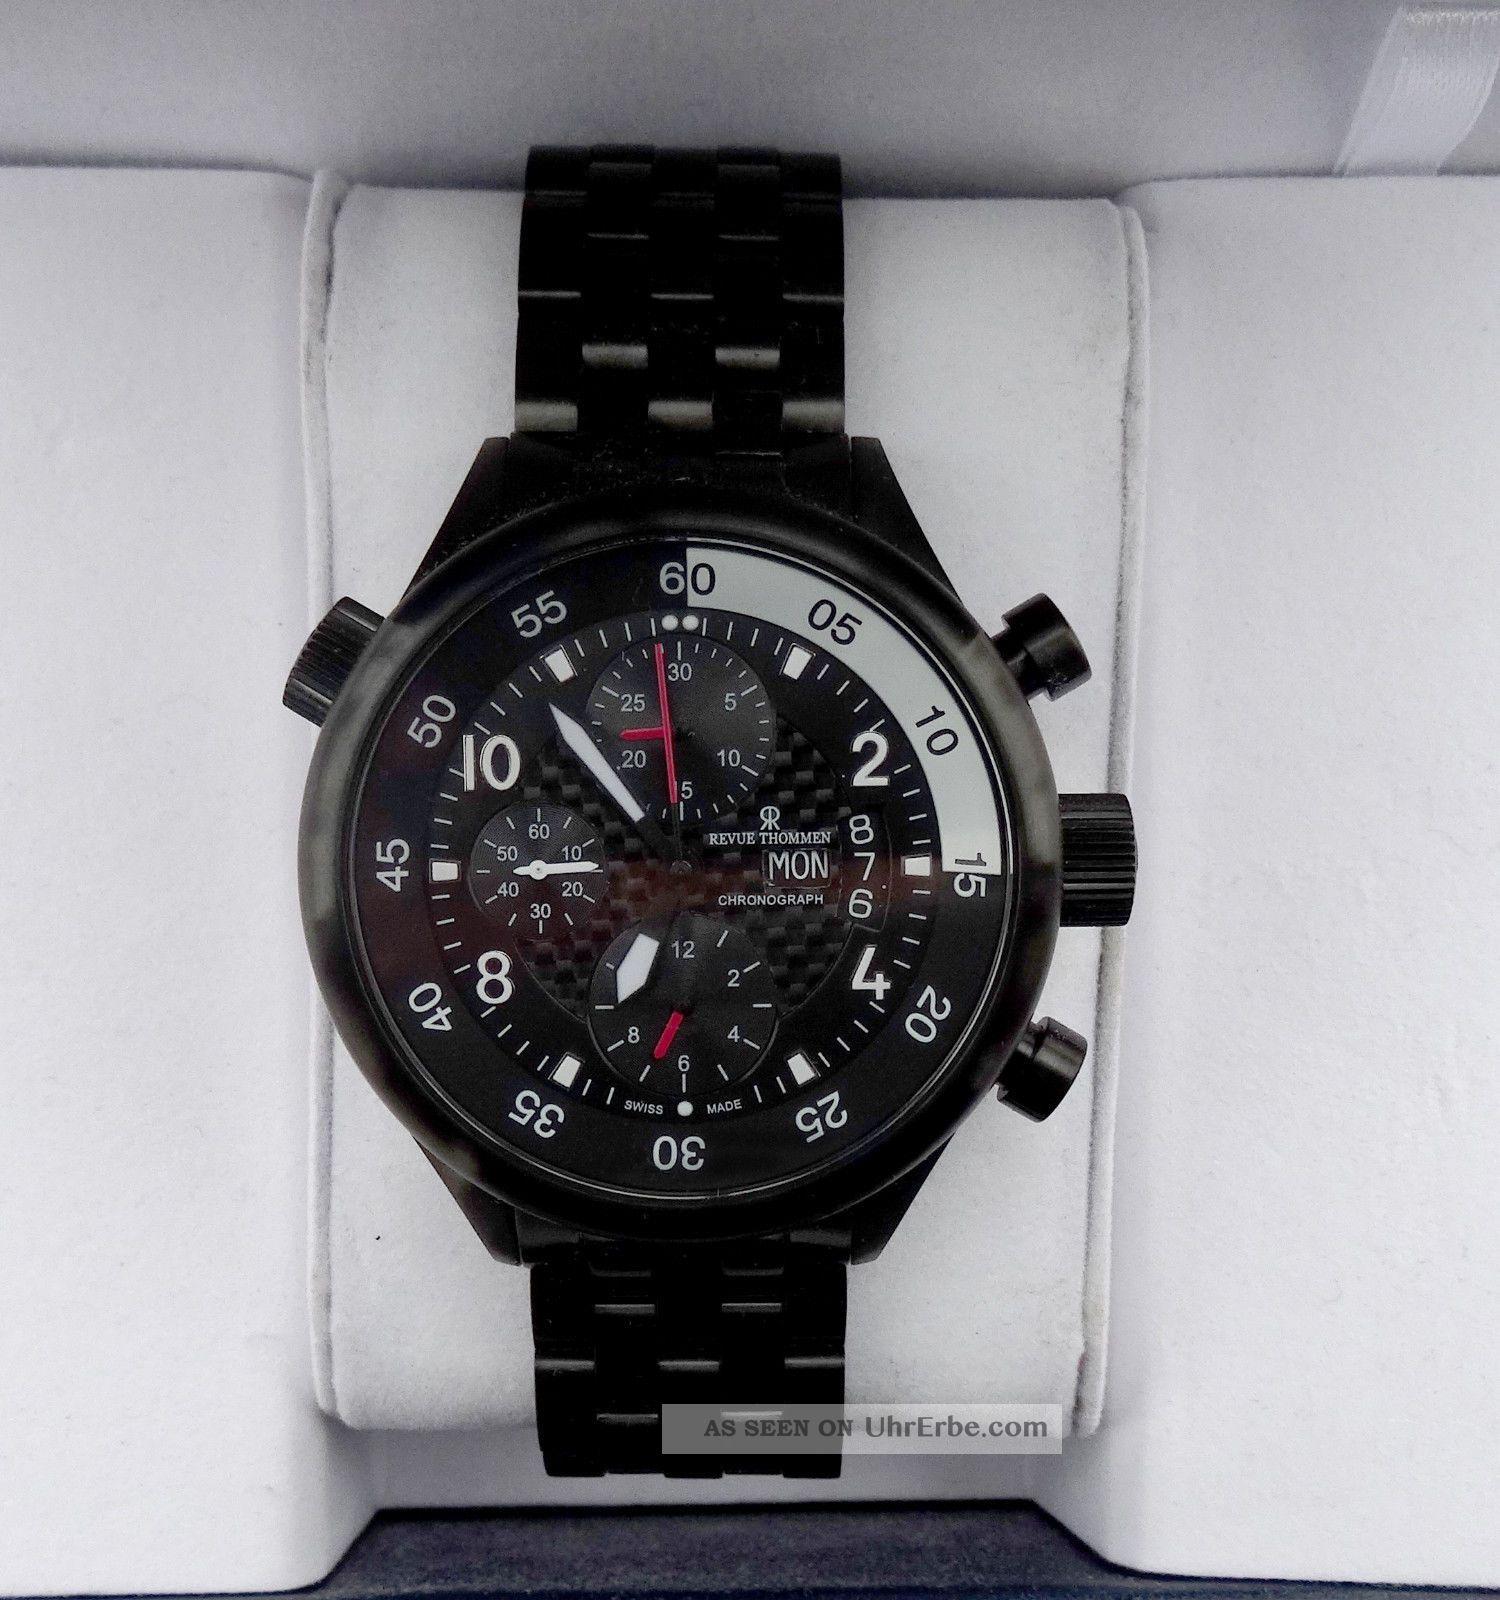 Revue Thommen Fliegeruhr Swiss Made /eta Valjoux 7750 T 2 J Foliert Armbanduhren Bild